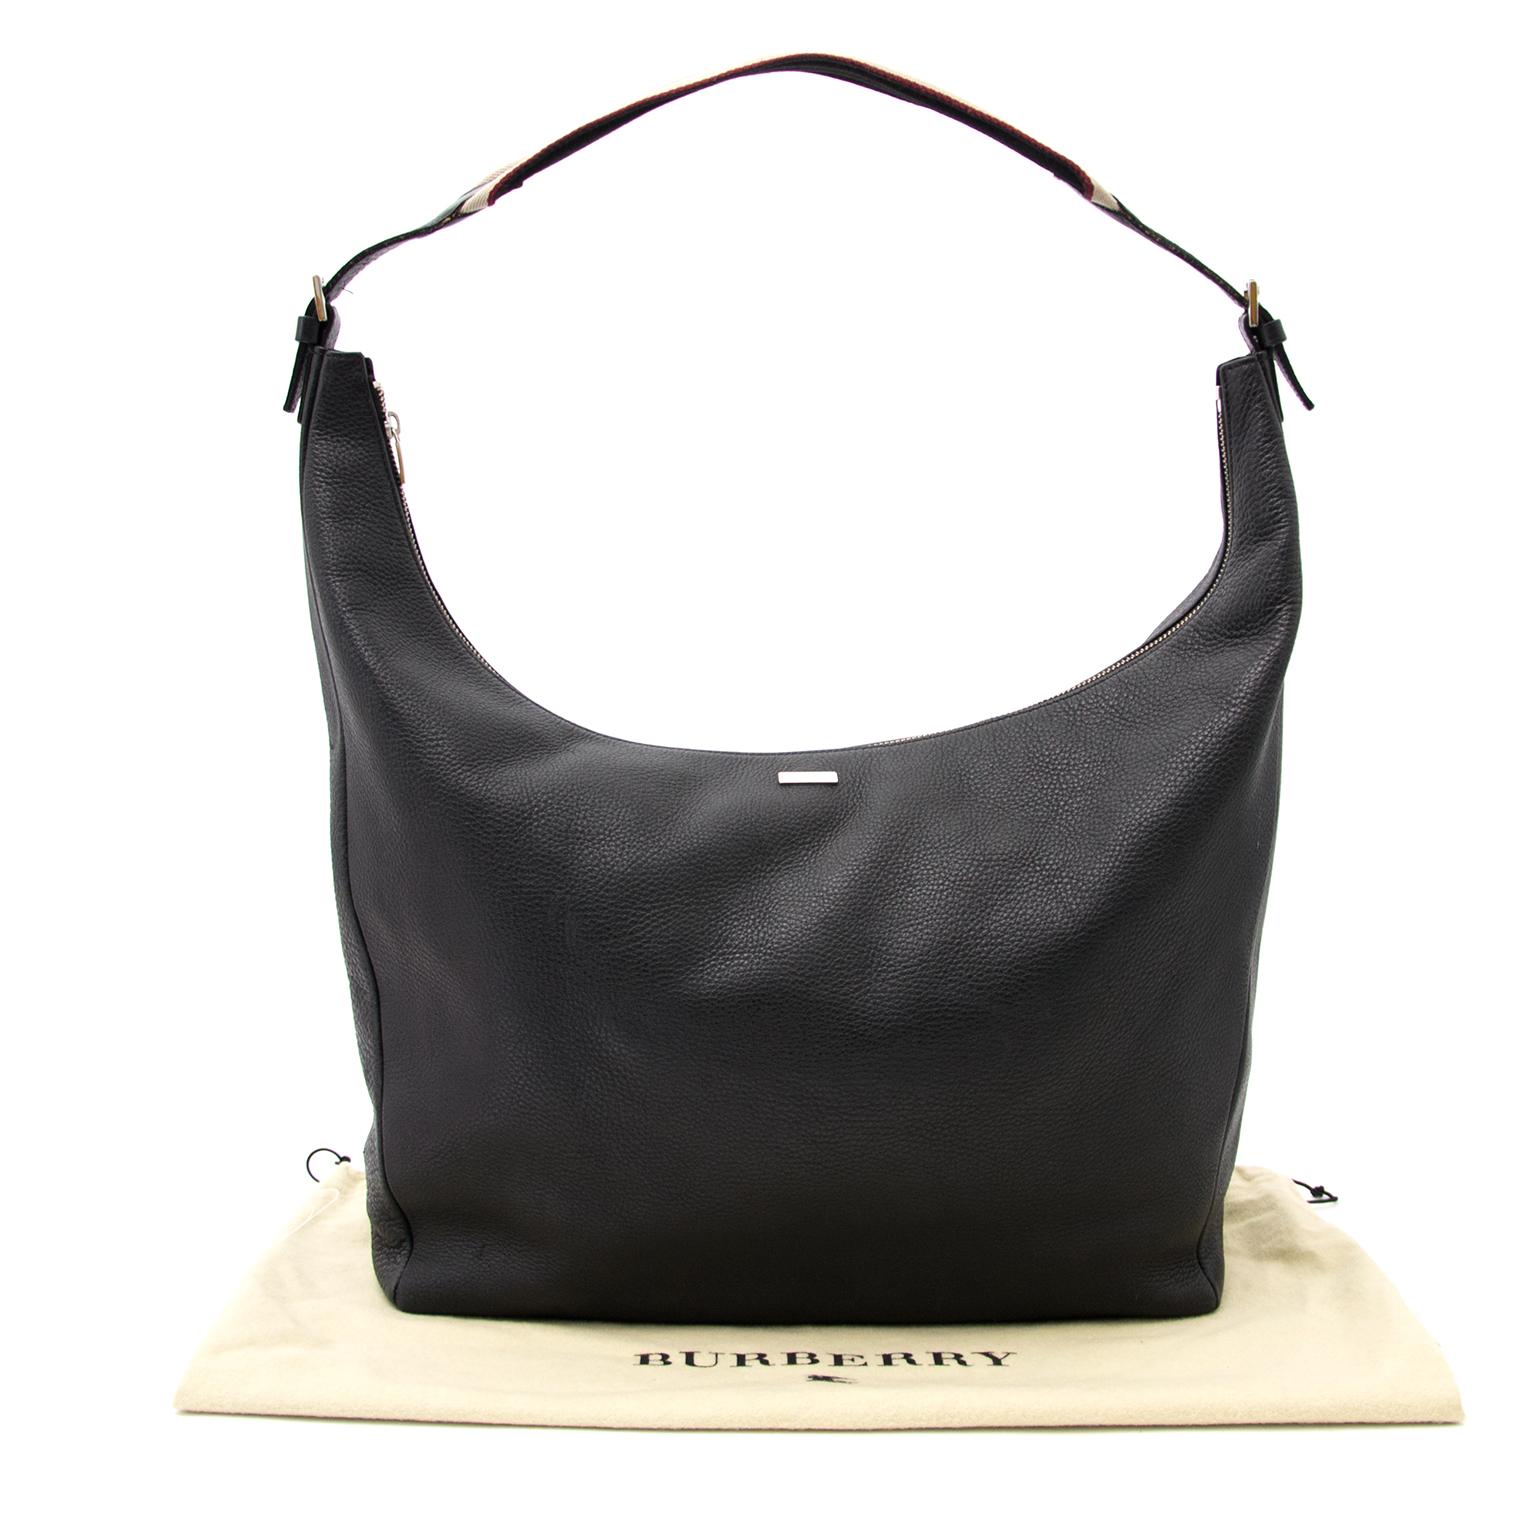 ... Burberry noir sac à main disponible chez Labellov Belgique à Anvers au  meilleur prix. 185bc92514d74